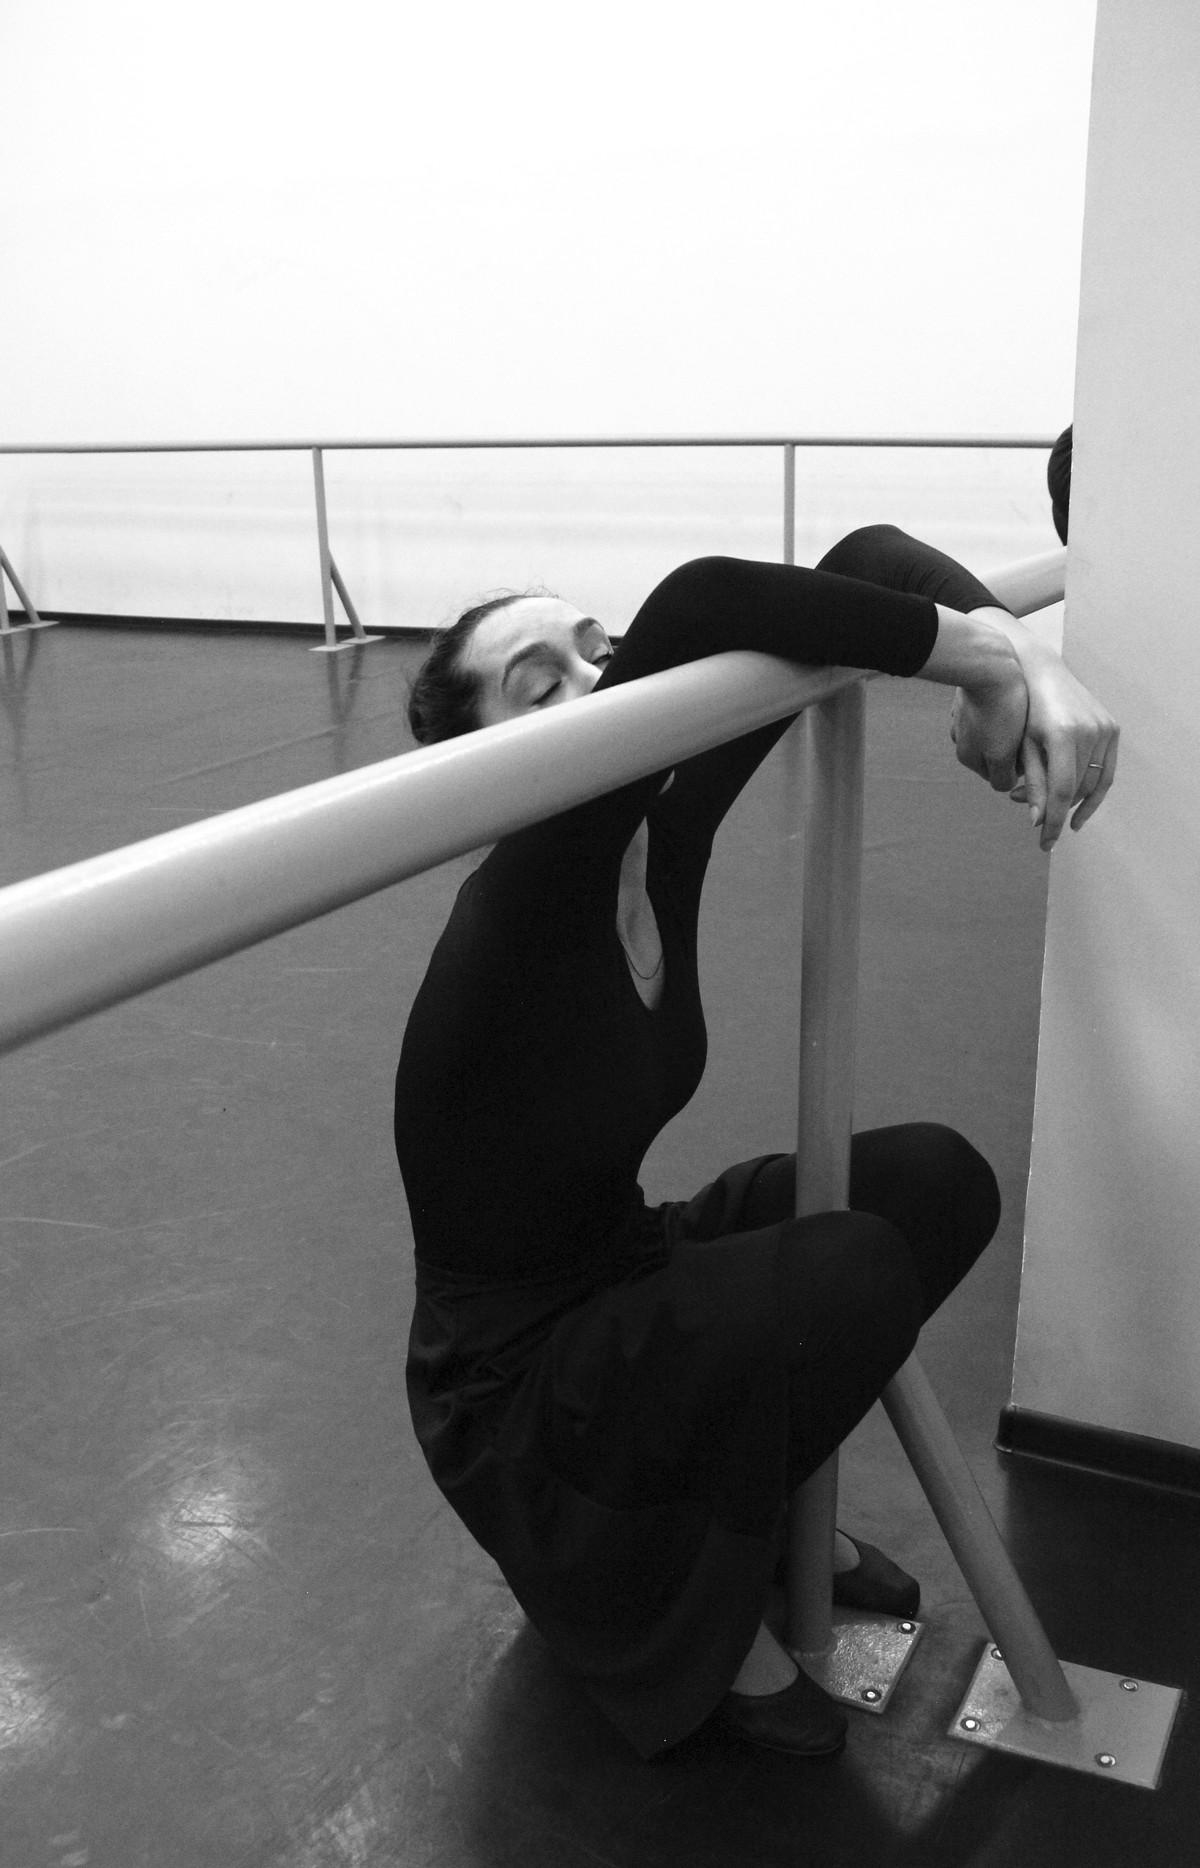 балерины репетиции тренировки фотографии эротика